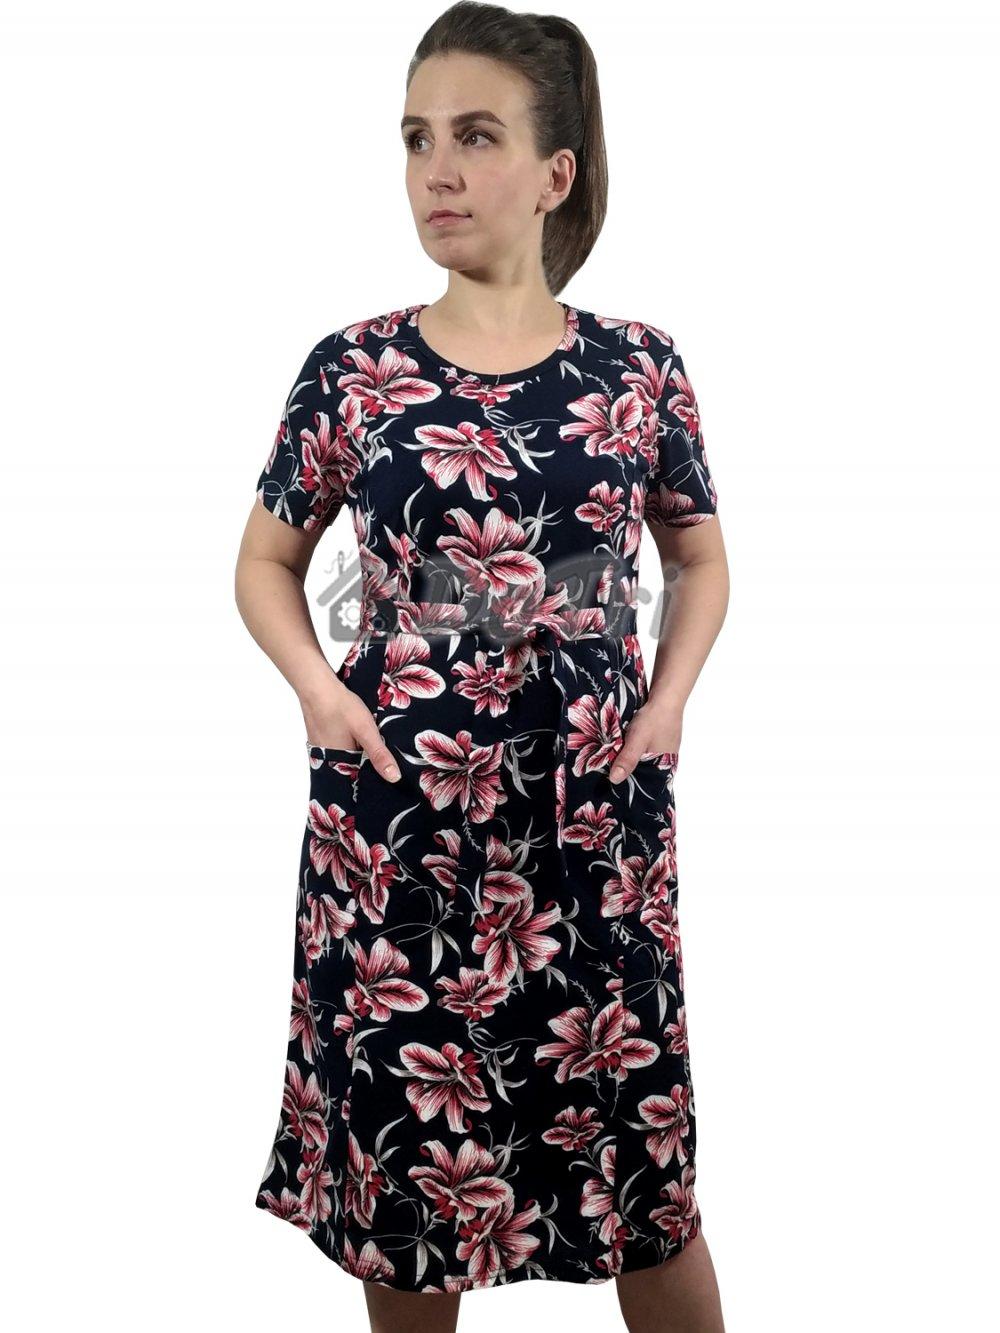 Увеличить - Платье «Модель №1» арт 006 красные лилии на темно-синем фоне